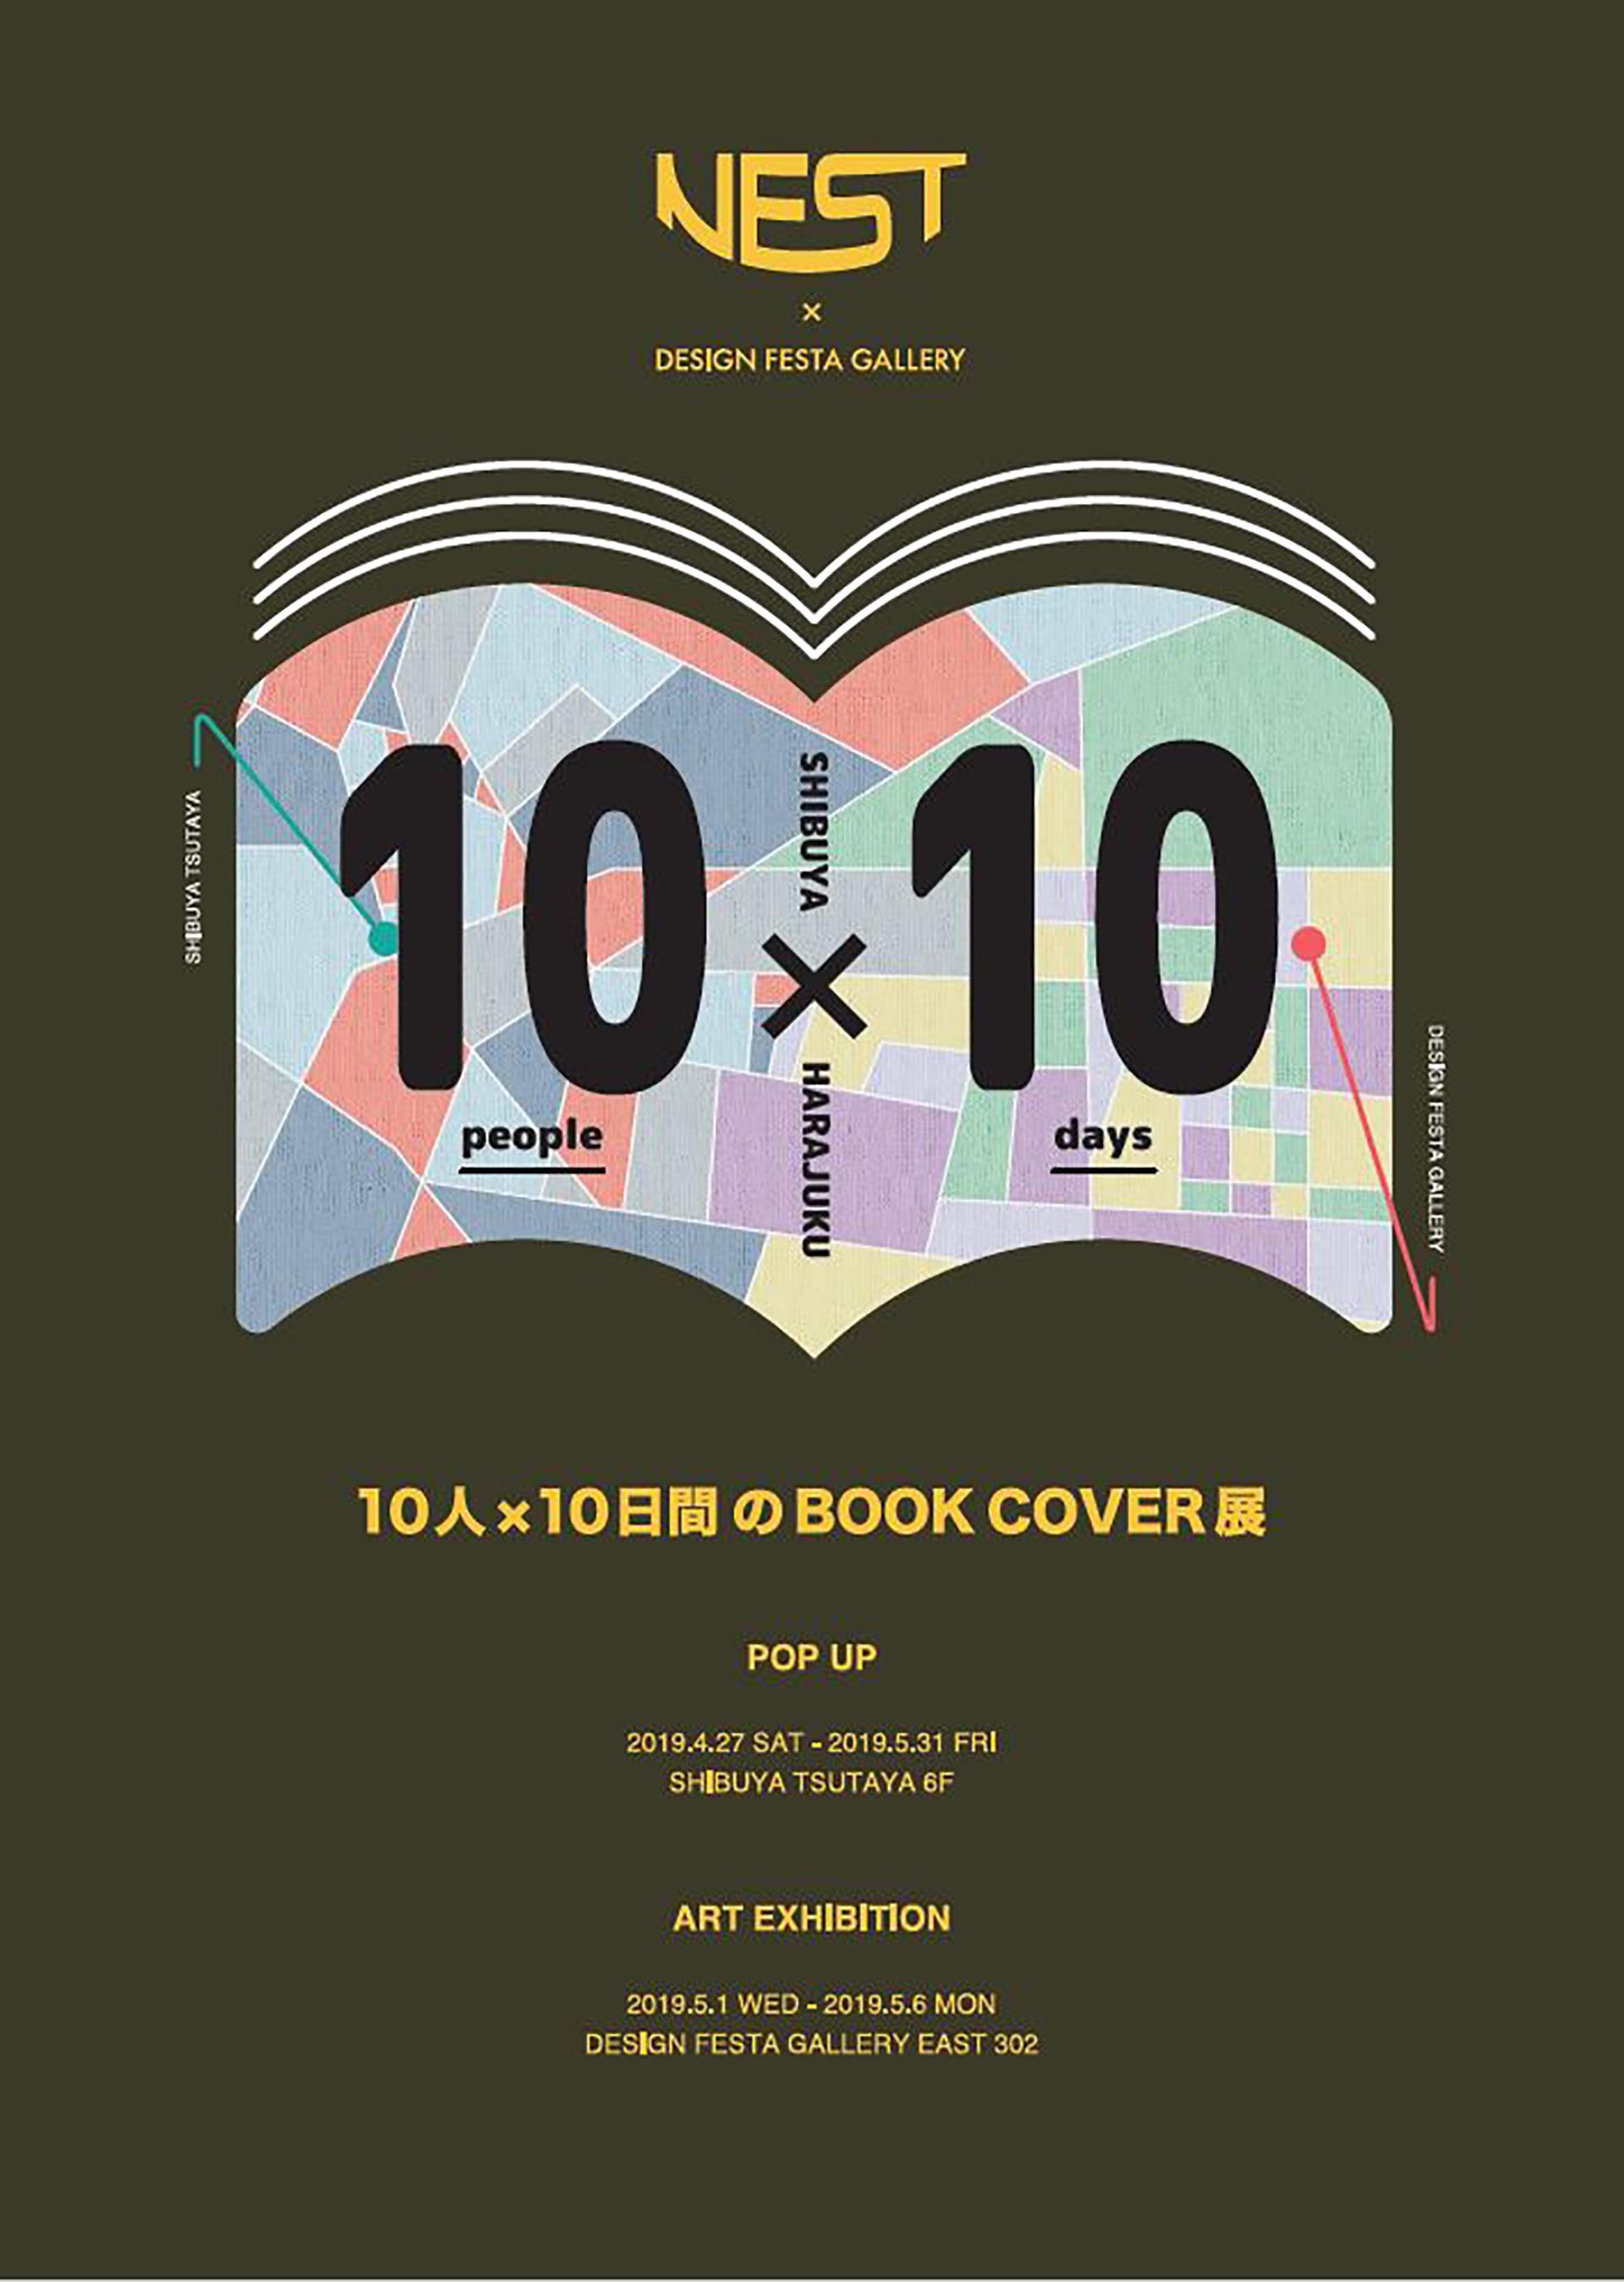 10人×10日間のBOOK COVER展